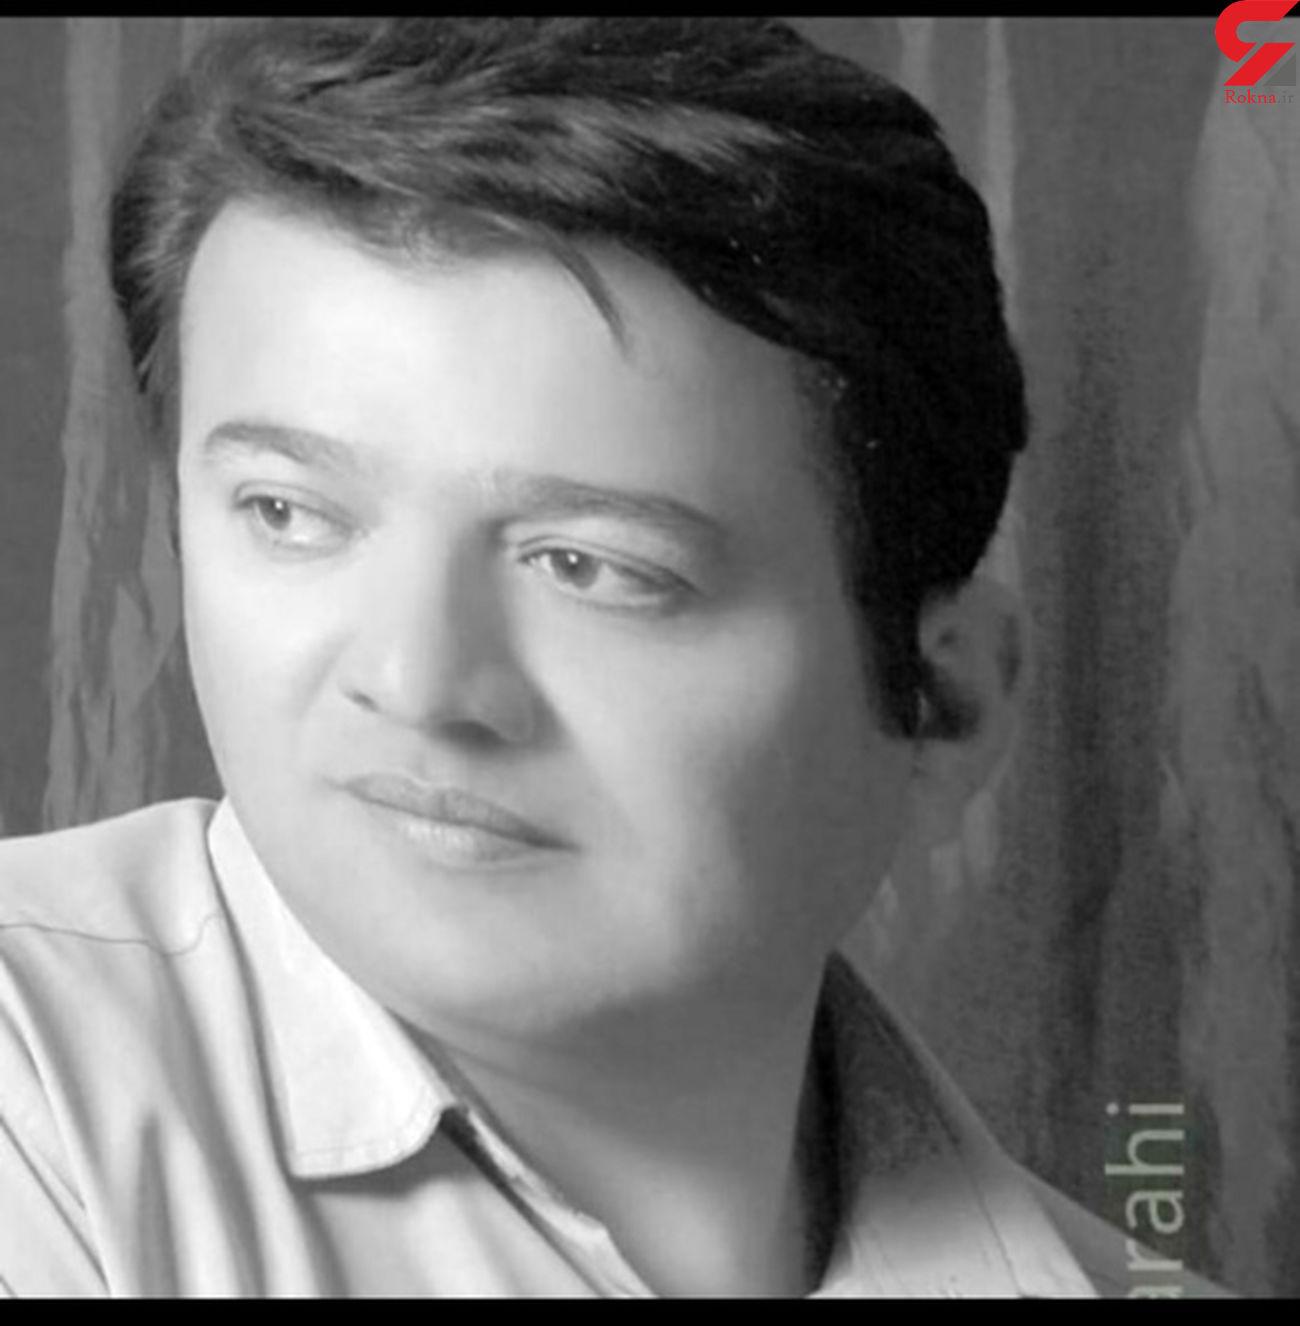 درگذشت مجری معروف  شبکه دنا / علت مرگ چه بود؟ + عکس